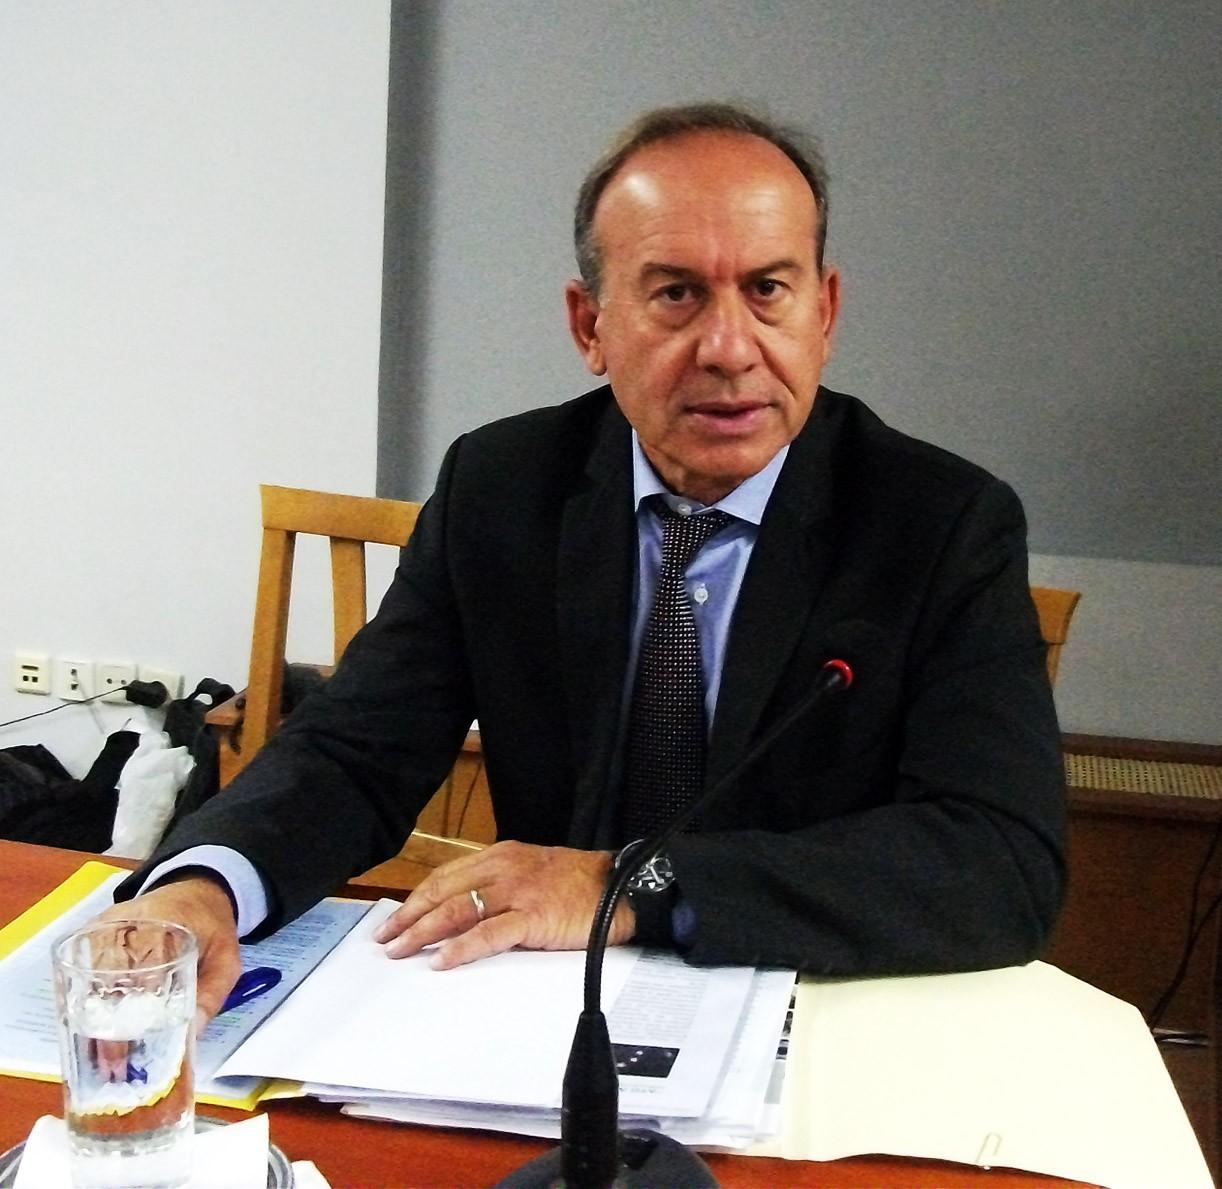 Λ. Αντωνακόπουλος «Η «νησιωτικότητα» είναι μία συνολική πολιτική ...